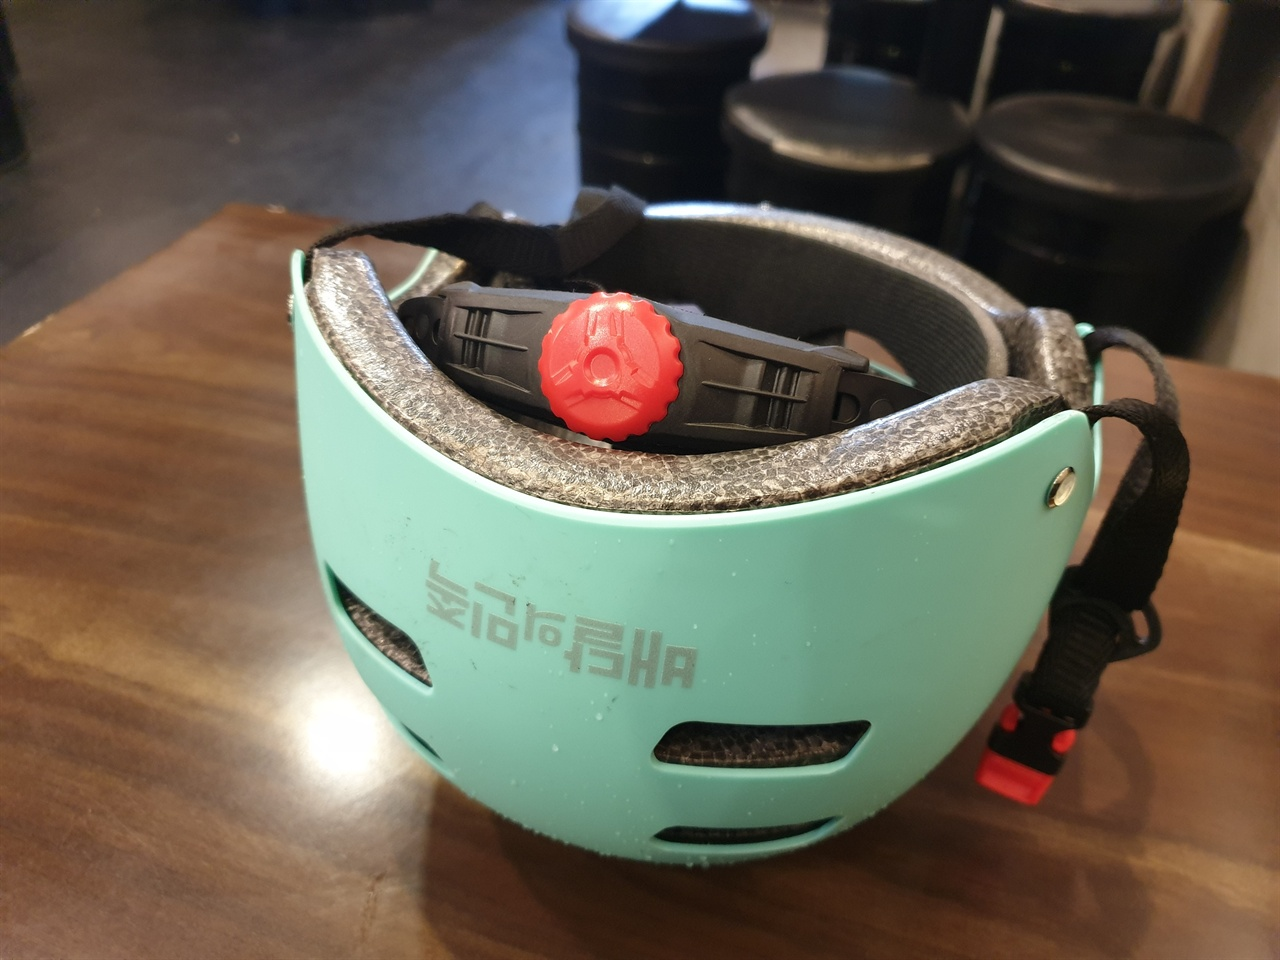 배민커넥트 교육이 끝나면 라이더로 활동하기 위해서는 가방과 헬멧 등의 장비가 필요한데, 보증금으로 3만원을 내야한다.